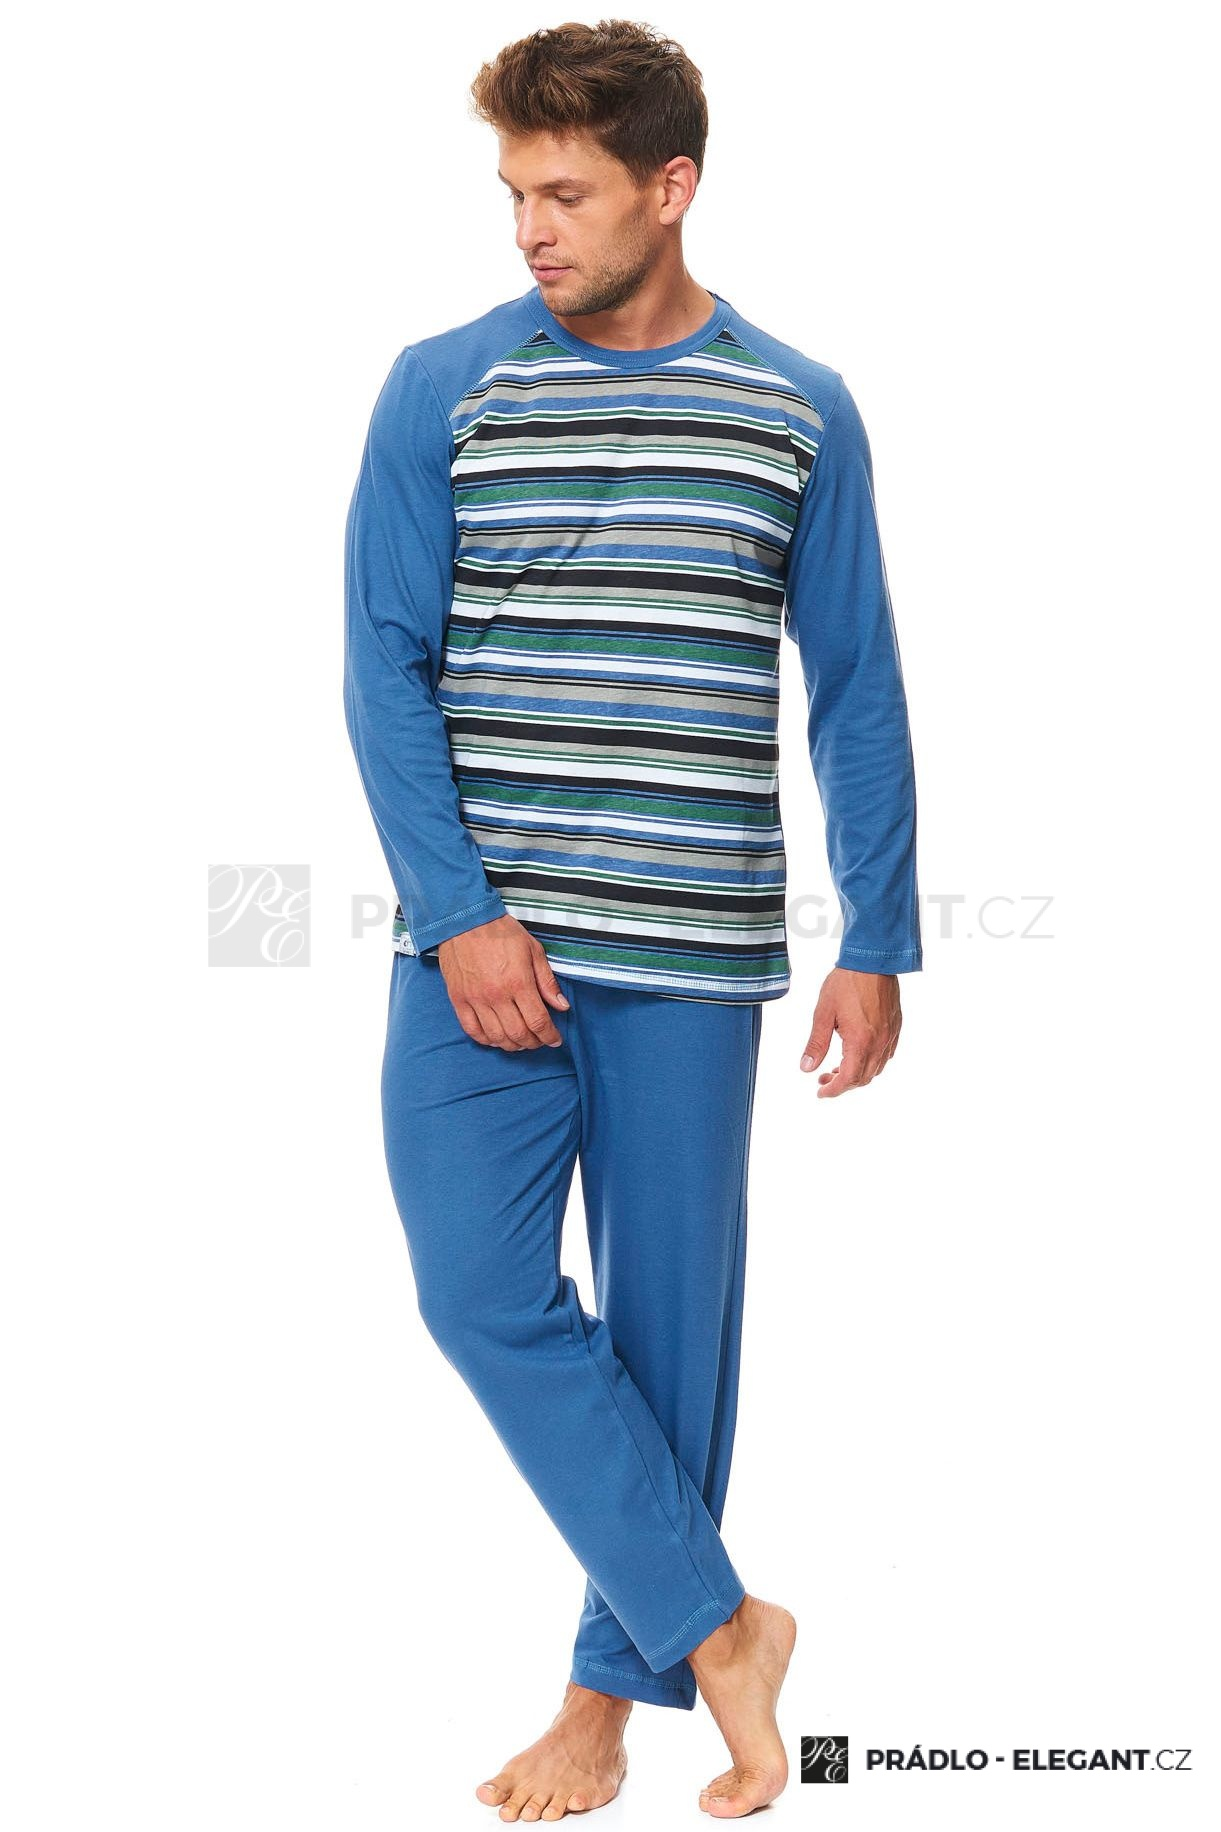 f5a2fd756 Pánské bavlněné pyžamo Henry zelené pruhy - ELEGANT.cz